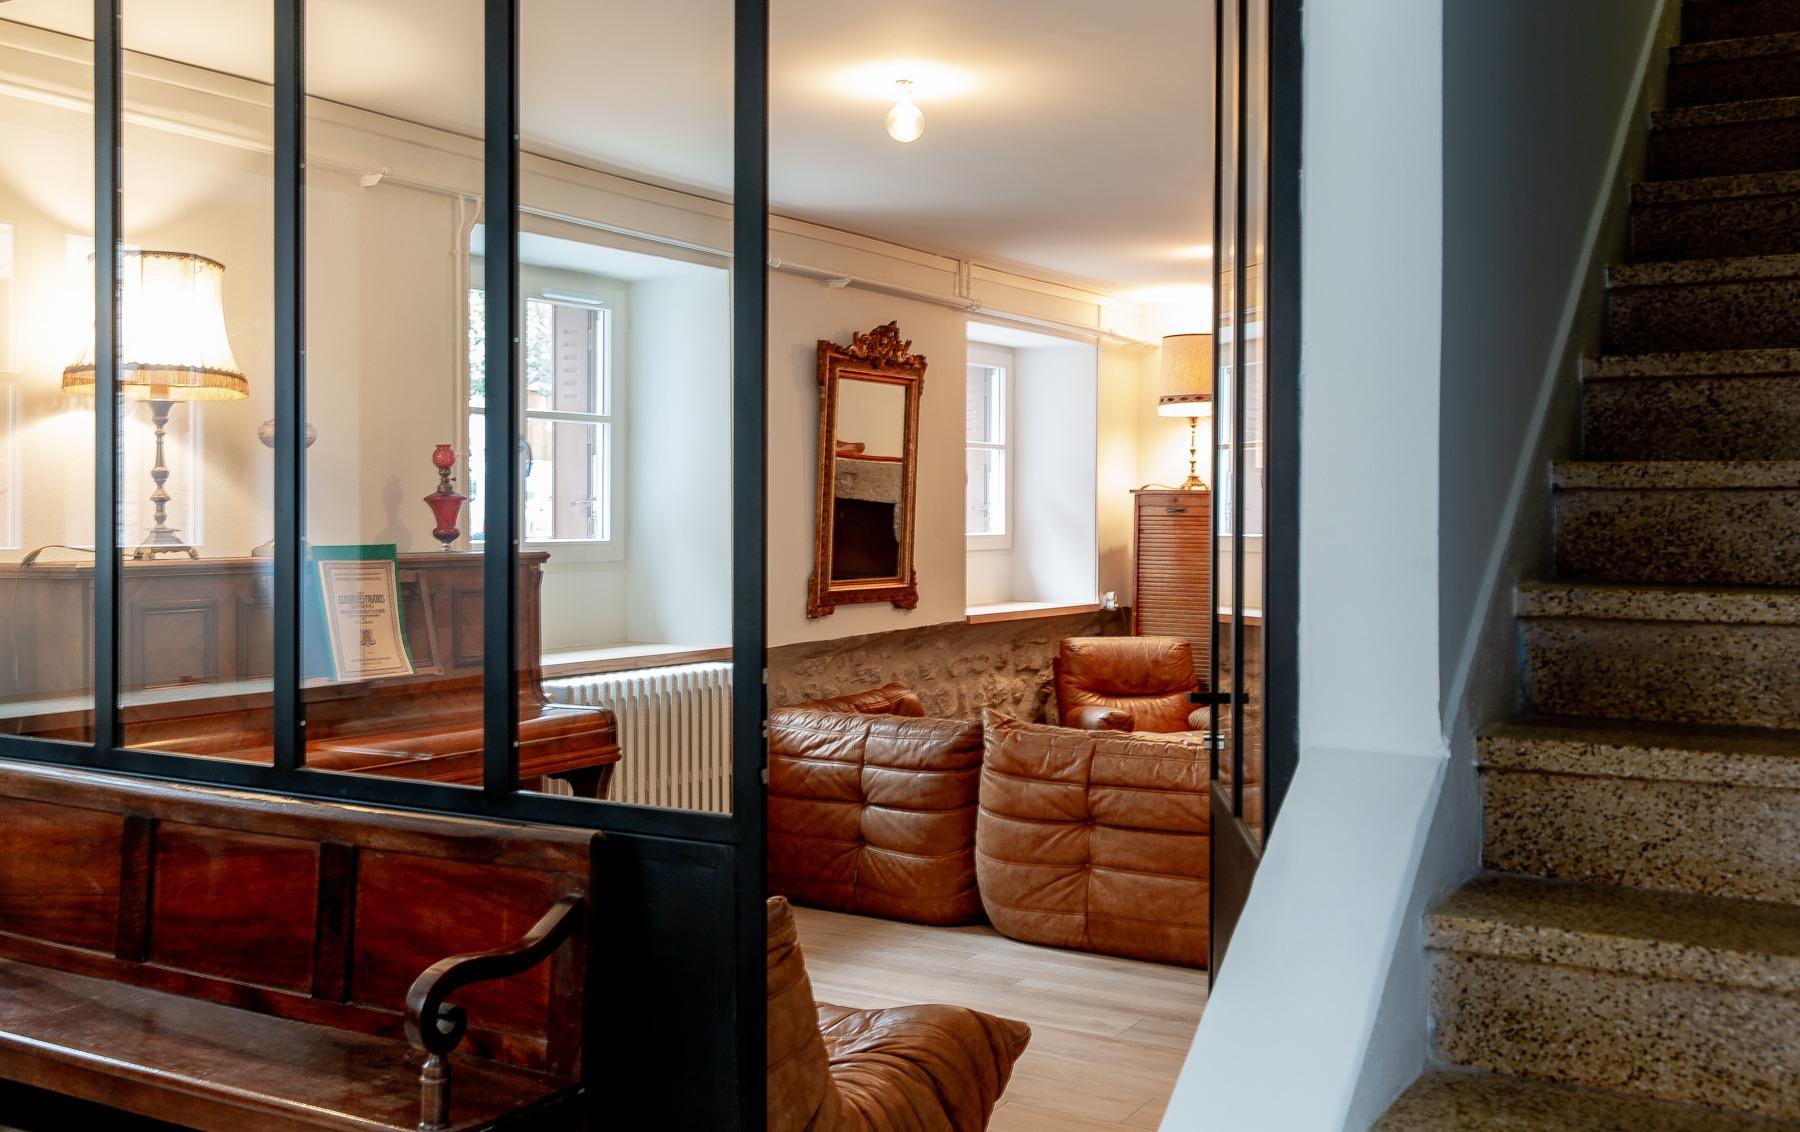 68-almuneau-architecte-architecteurs-constructeur-neuf-renovation-extension-decoration-RGE-lozere-ardeche-hauteLoire-entree-salon